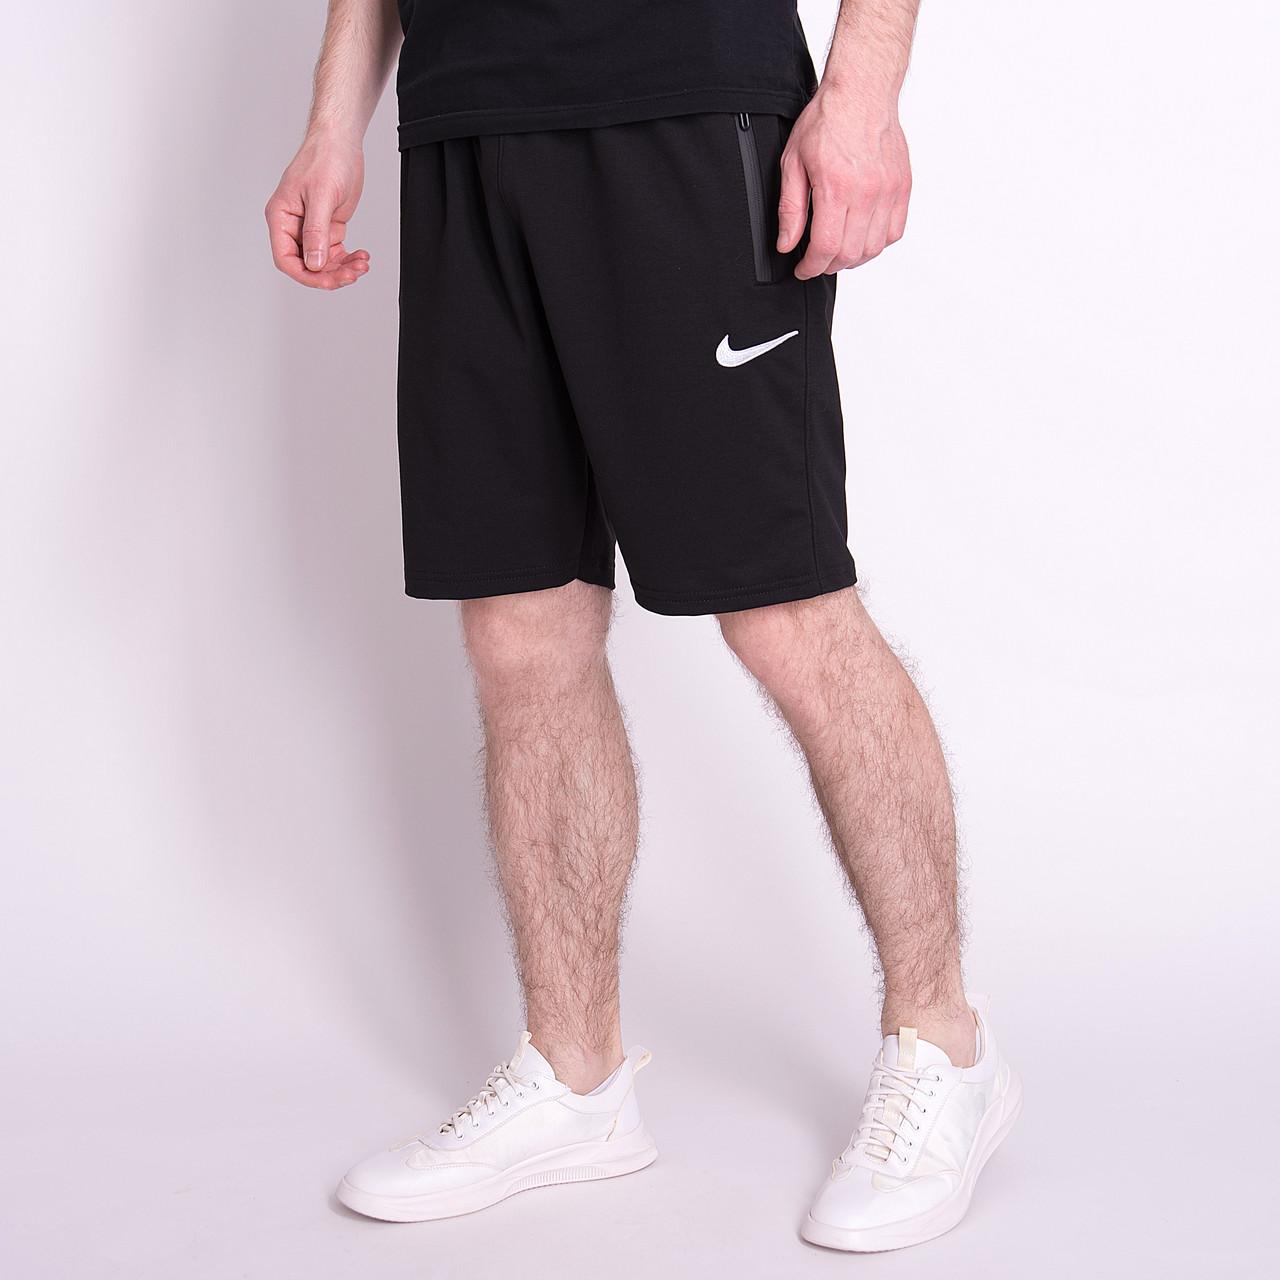 Чоловічі трикотажні шорти NIKE, чорного кольору. Батал